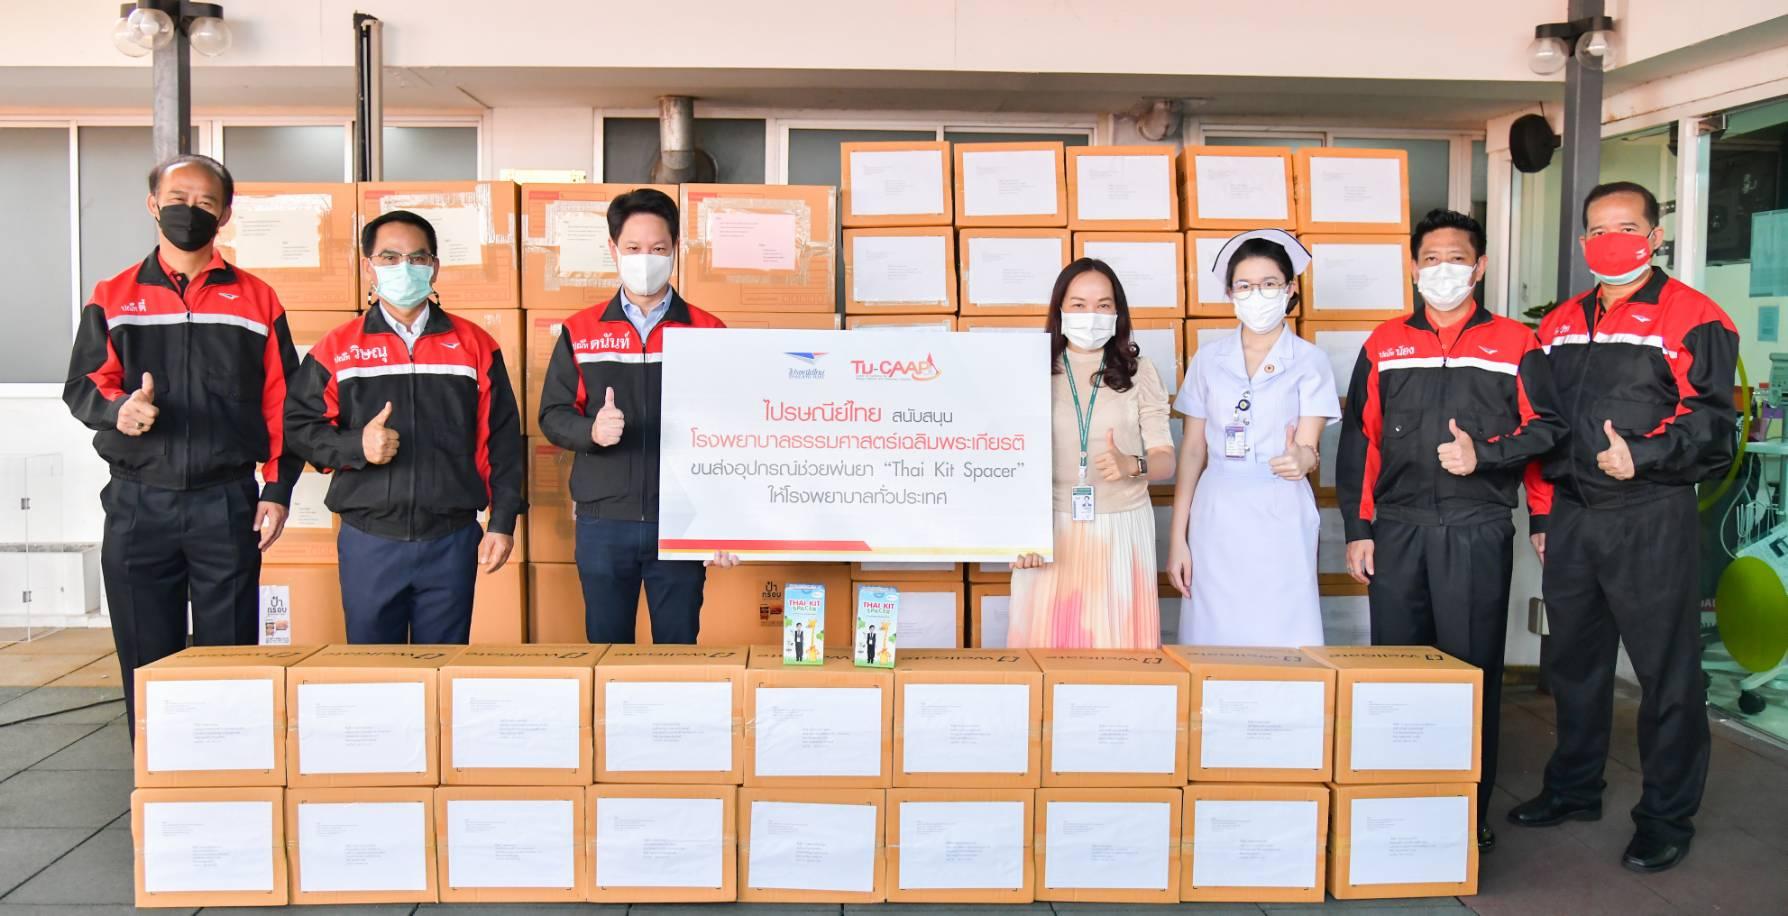 ไปรษณีย์ไทยหนุน รพ.ธรรมศาสตร์เฉลิมพระเกียรติ จัดส่งอุปกรณ์ช่วยพ่นยาสำหรับผู้ป่วยให้โรงพยาบาลทั่วประเทศ